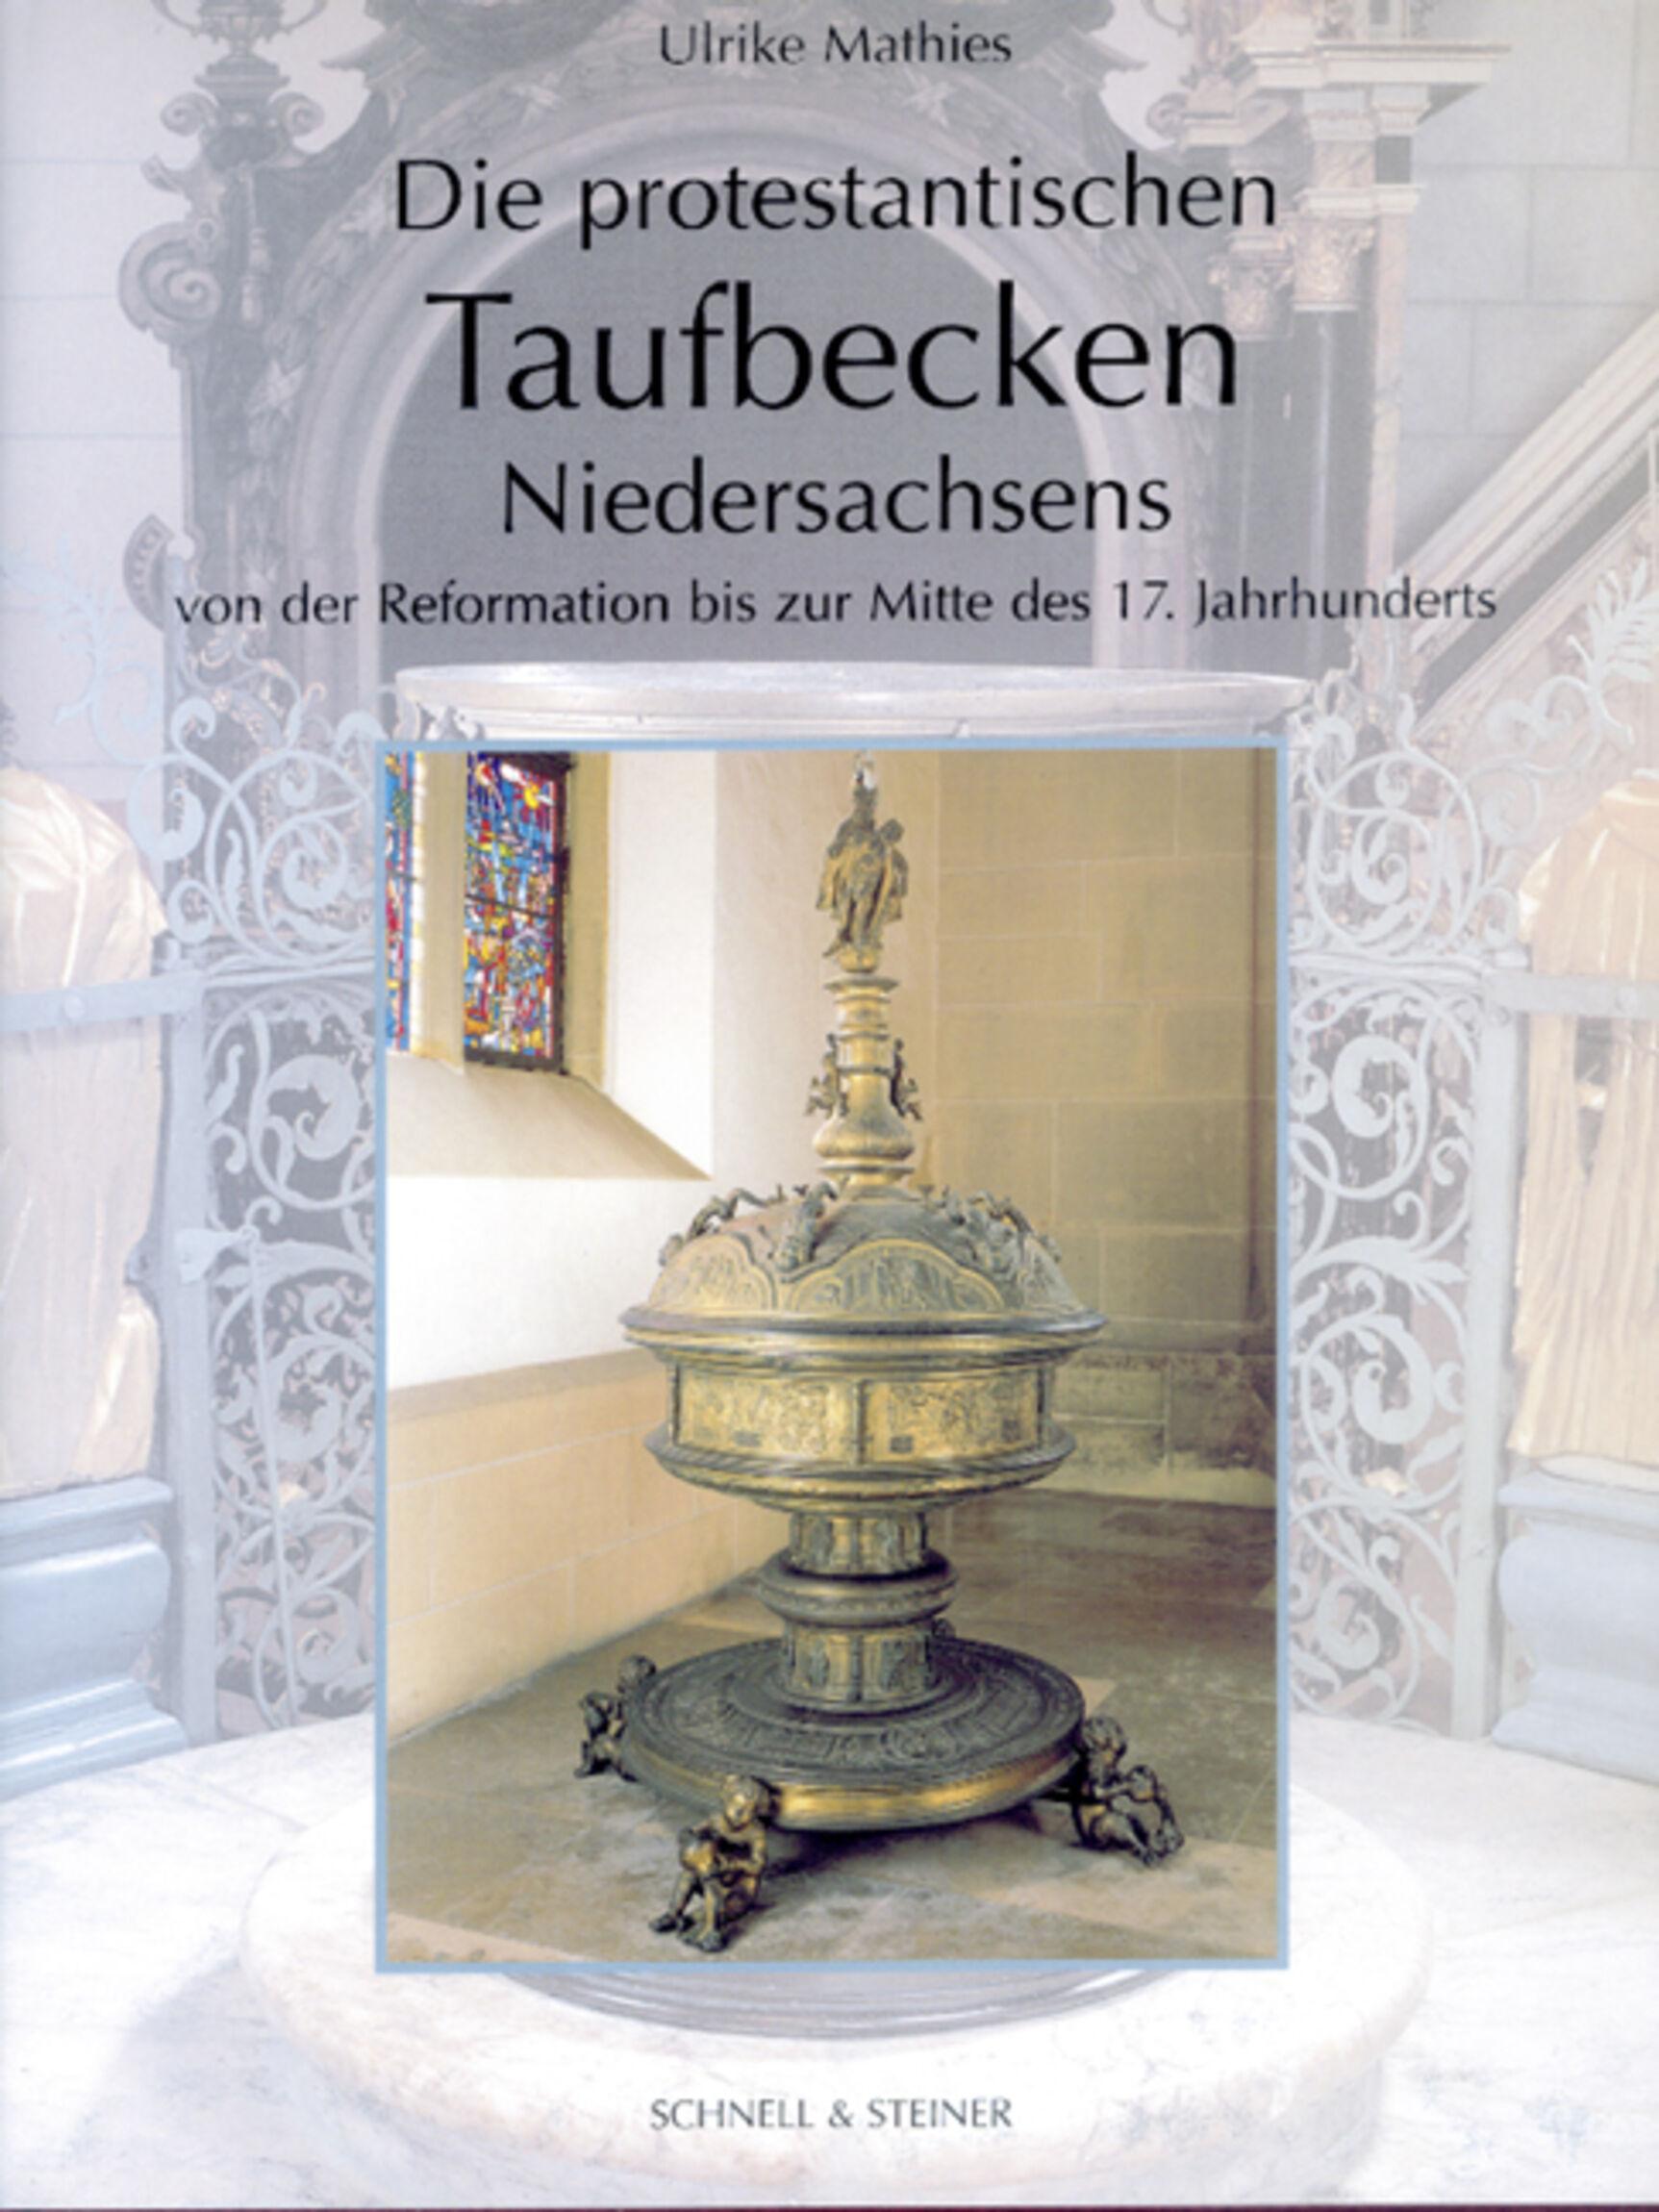 2_Taufbecken_1155